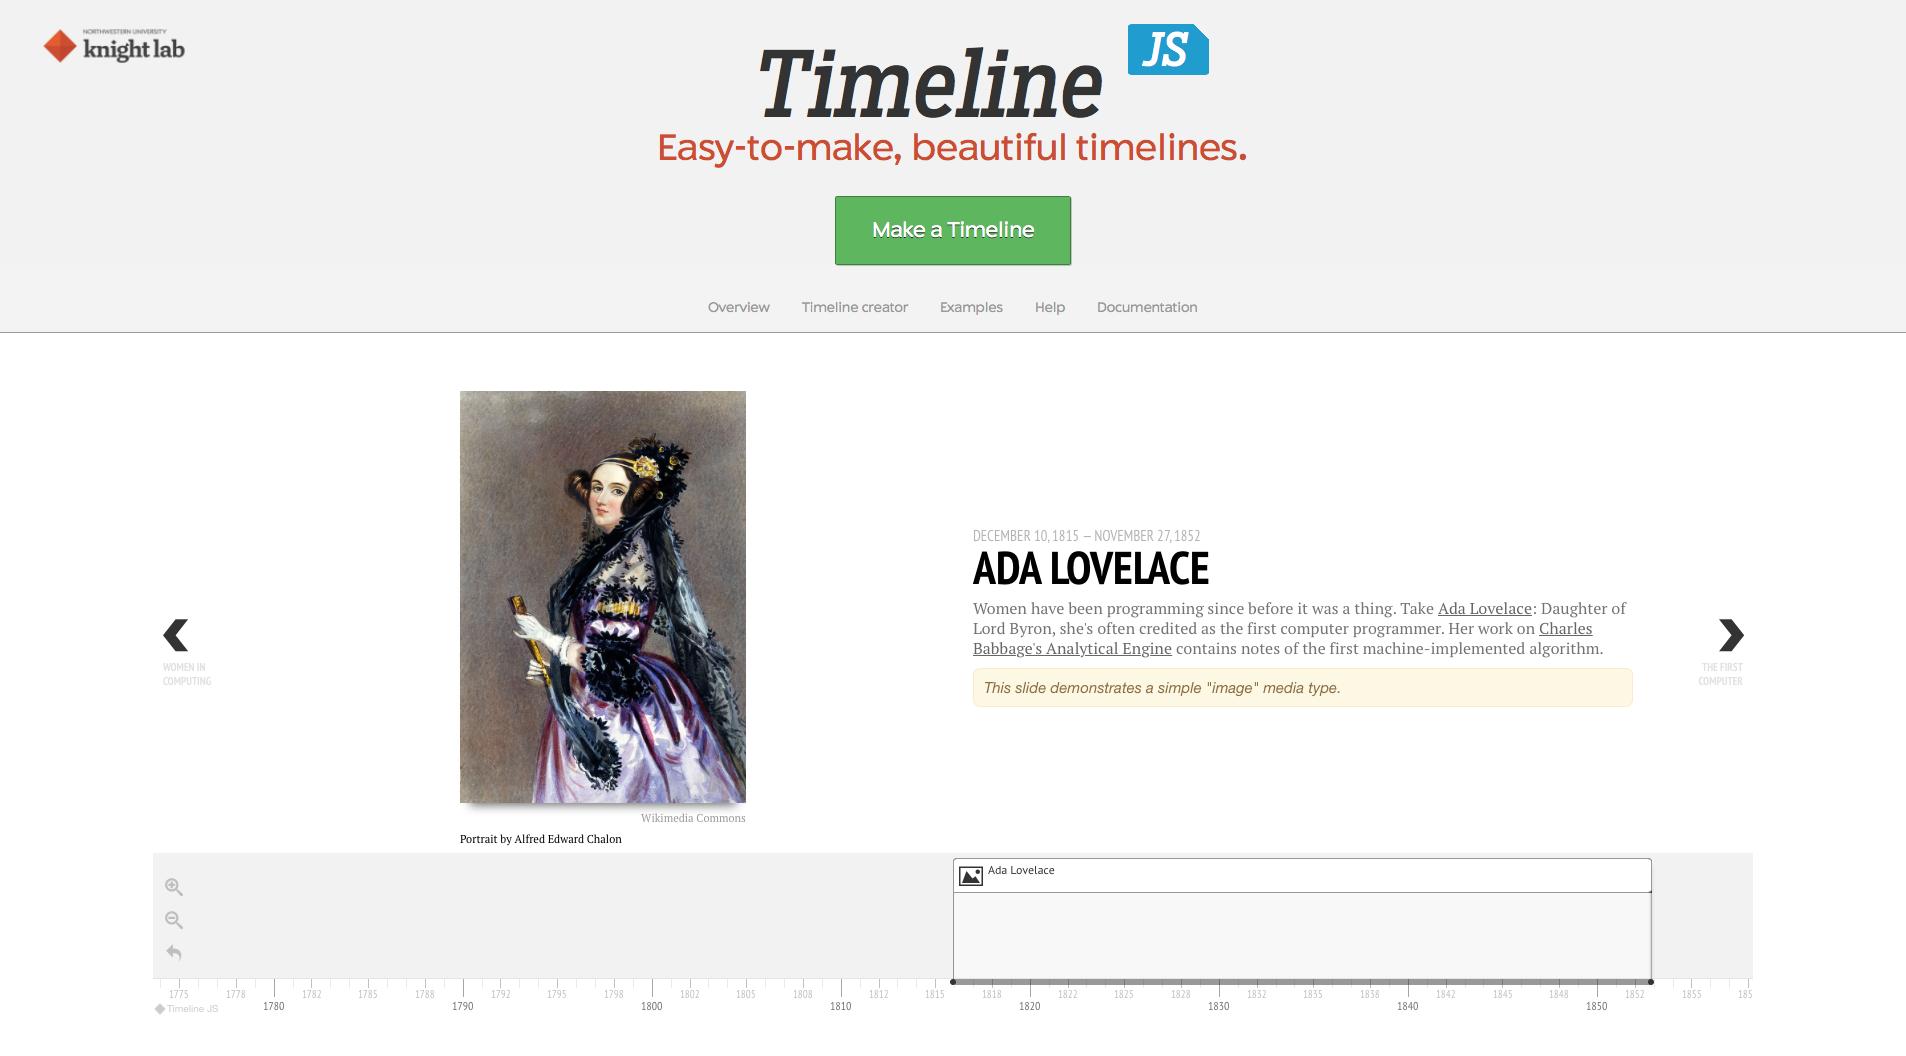 Timeline_start